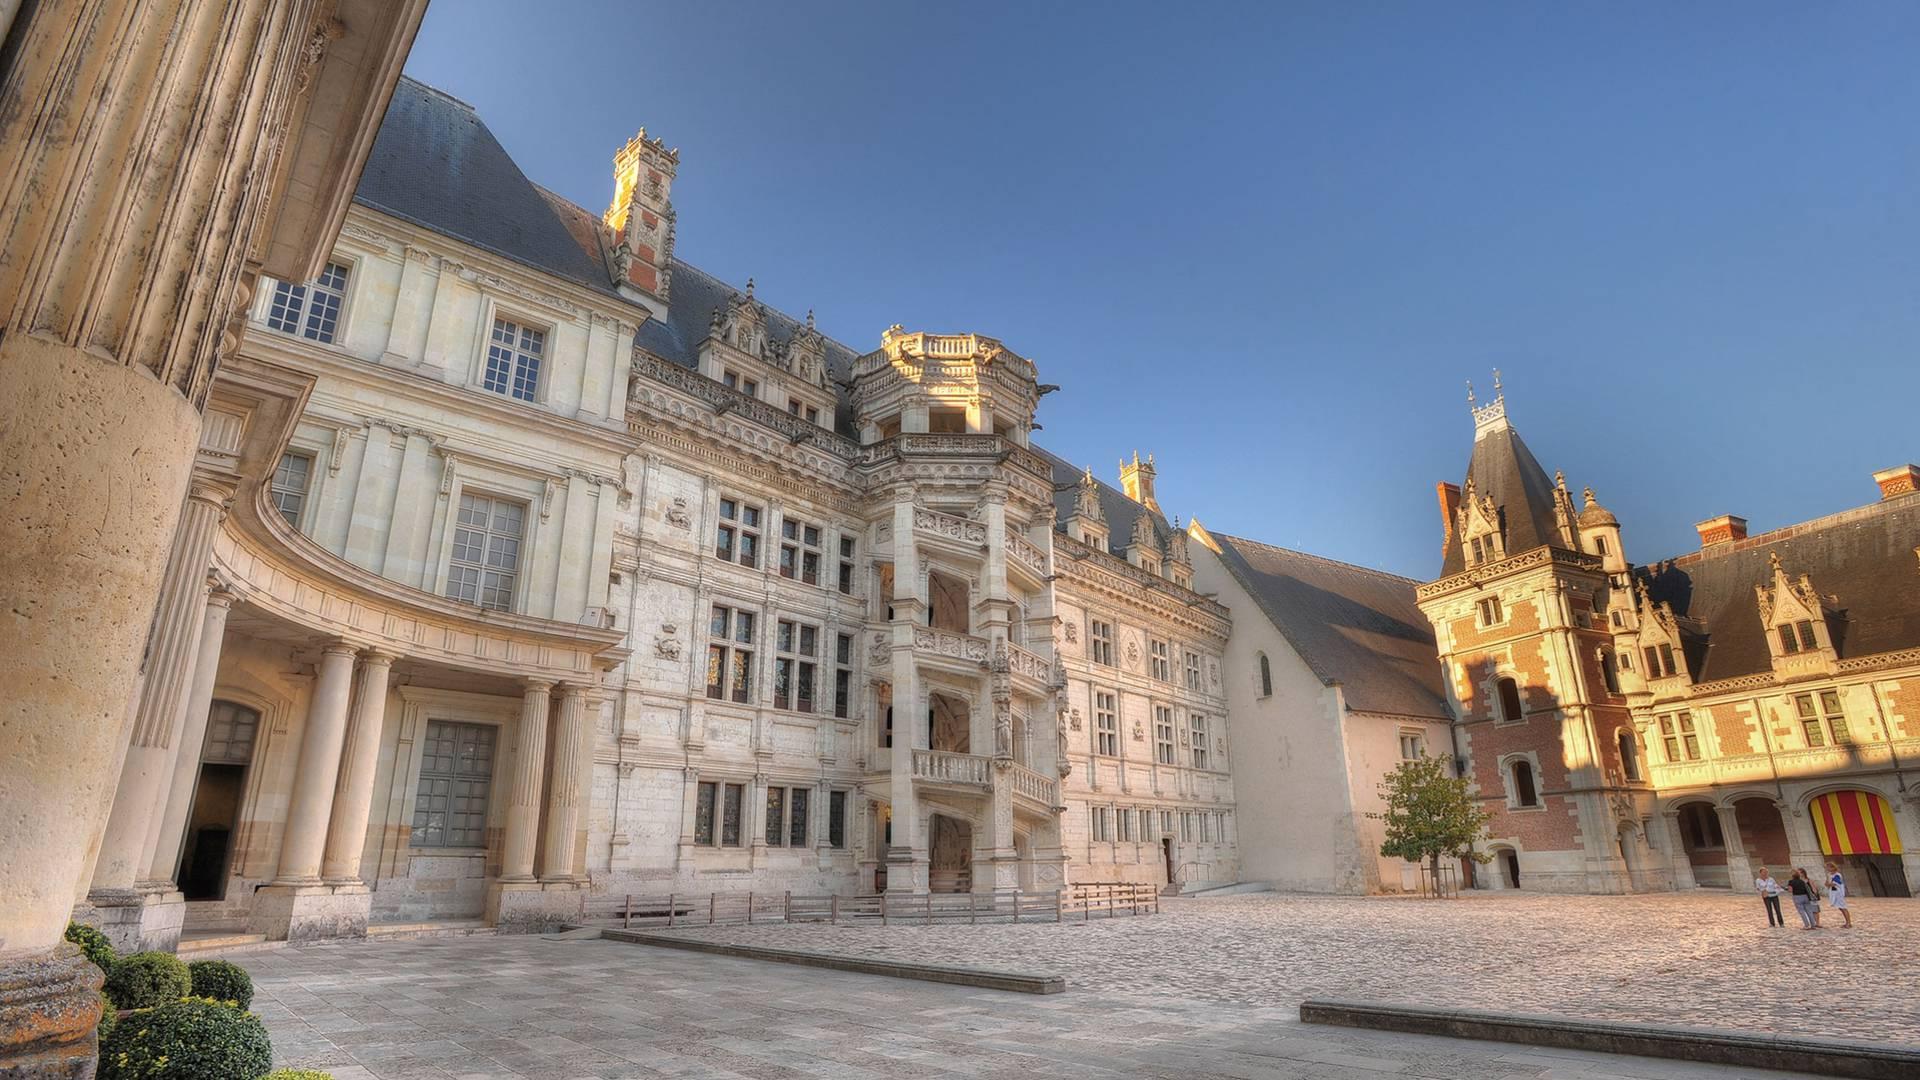 Château de Blois, François I staircase